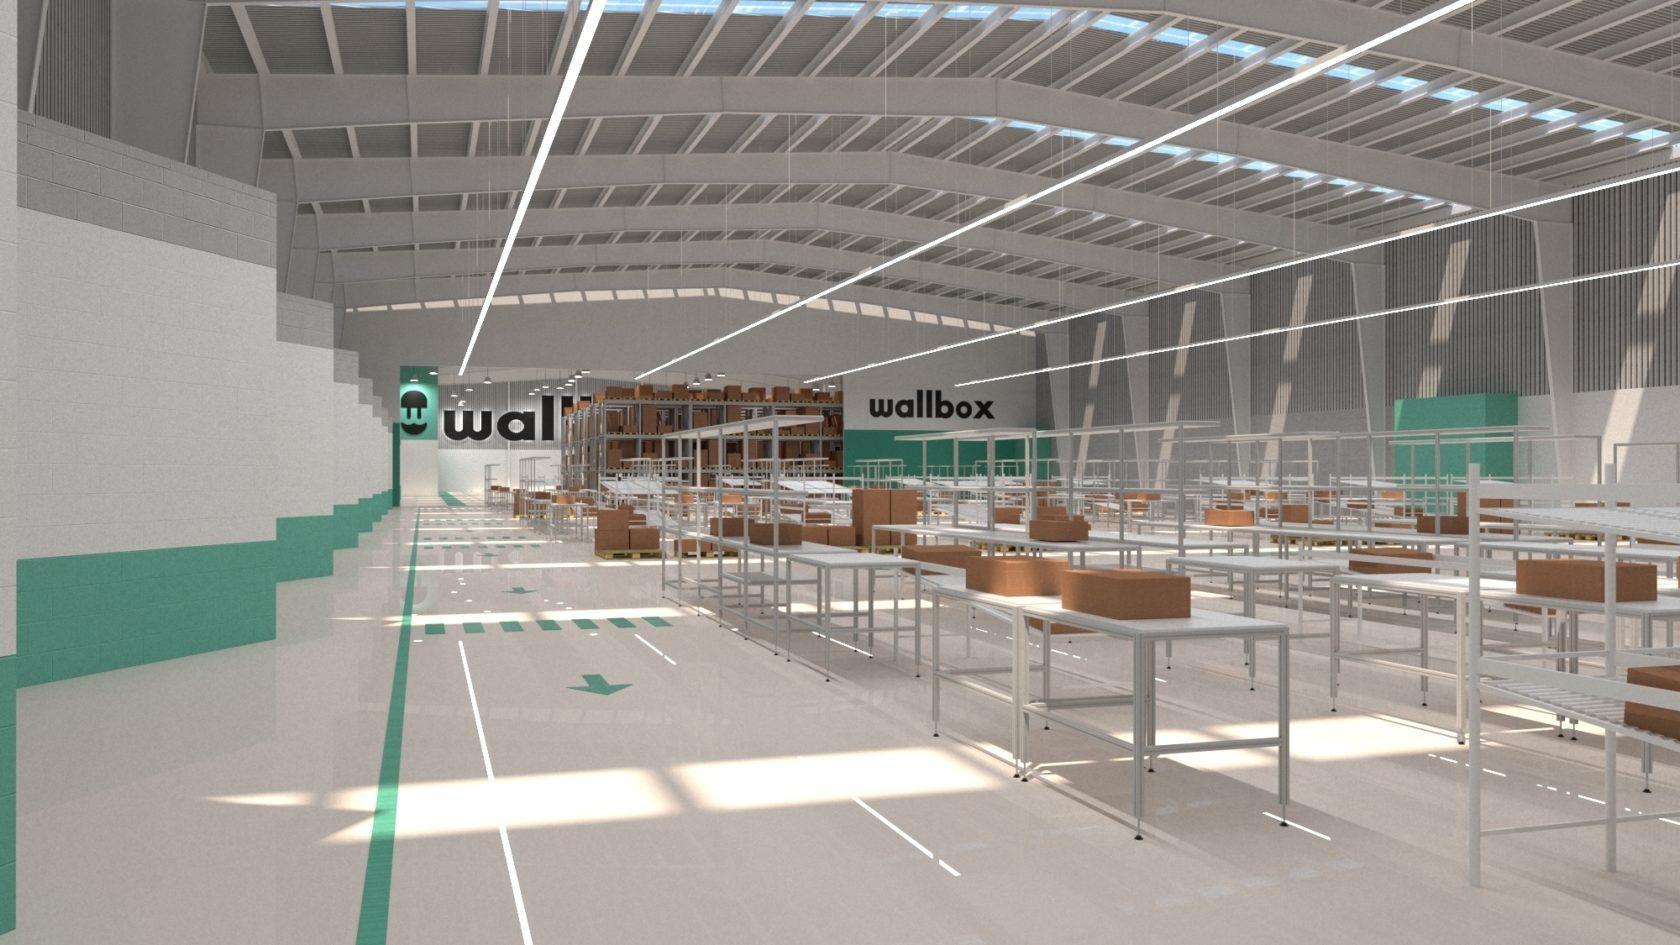 Mit einer Investition von €9m wird Wallbox eine neue Fabrik in der Zona Franca in Barcelona eröffnen